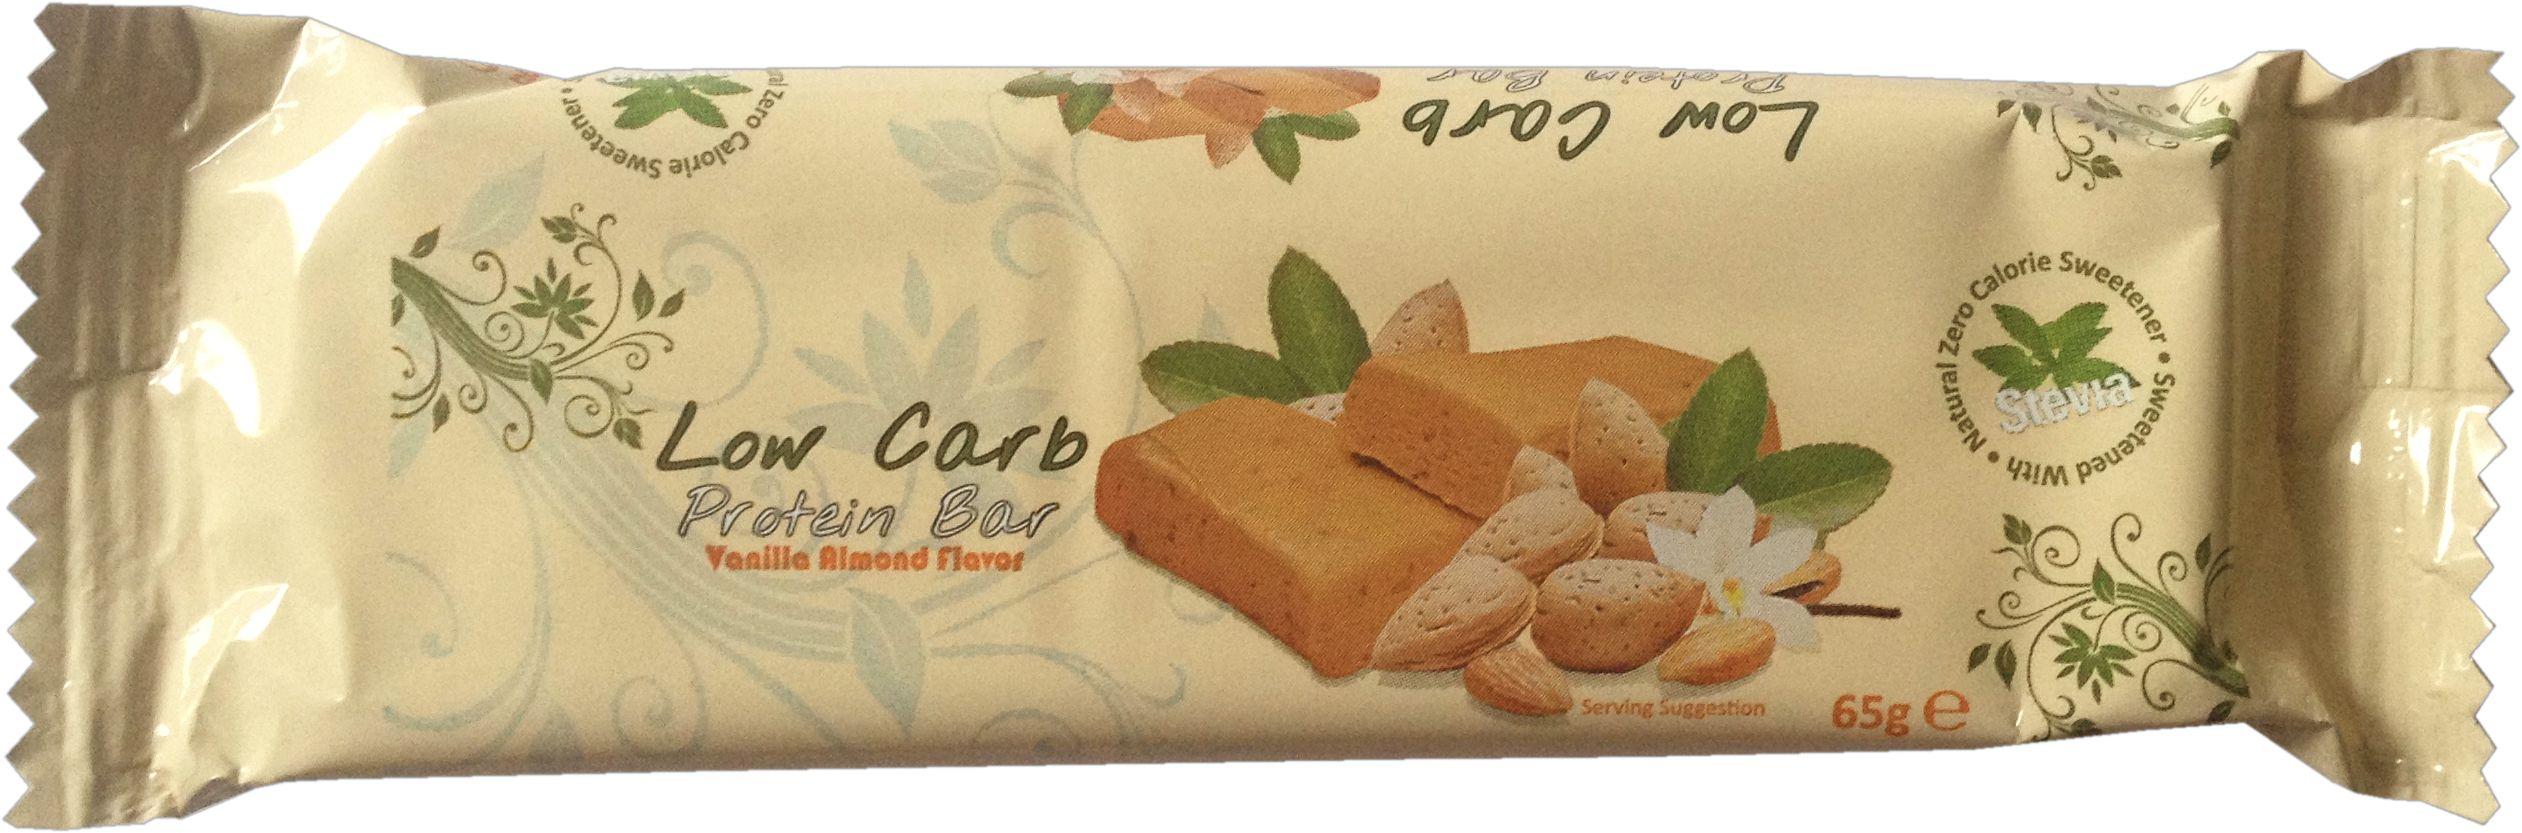 XXL Nutrition - Vanilla Almond